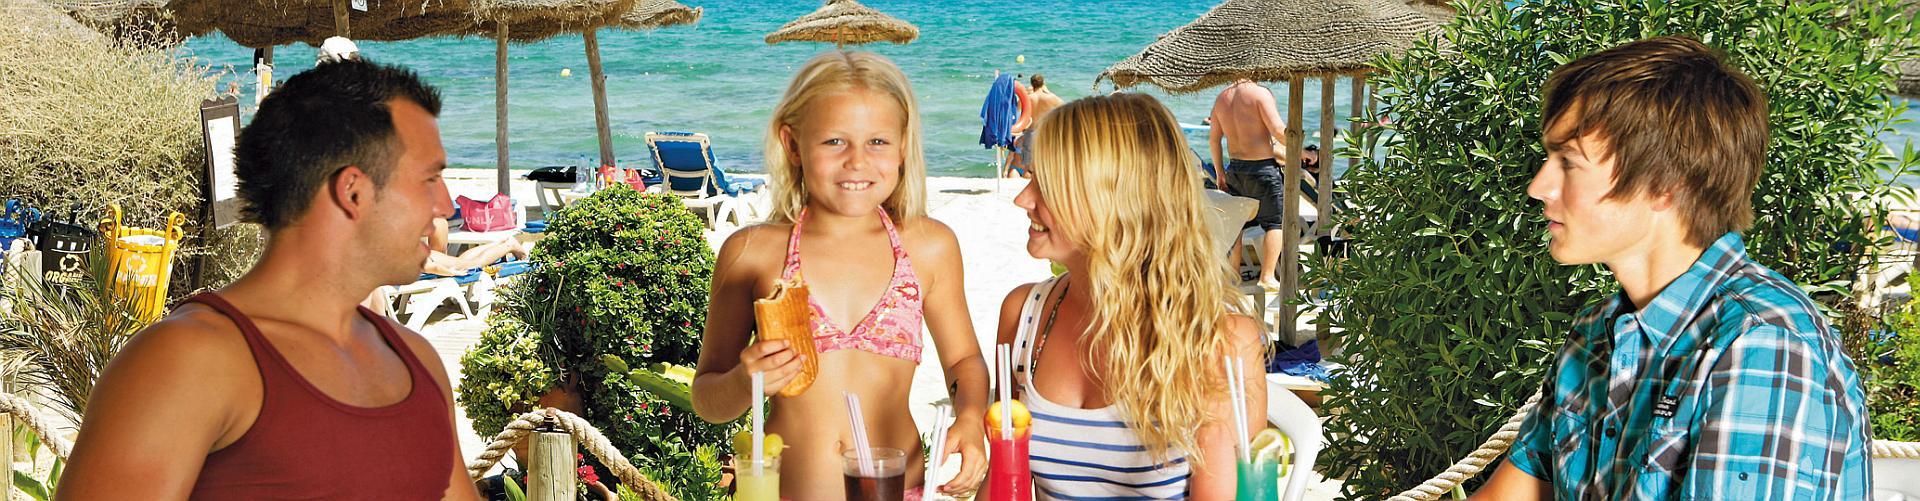 Cluburlaub in Familie genießen